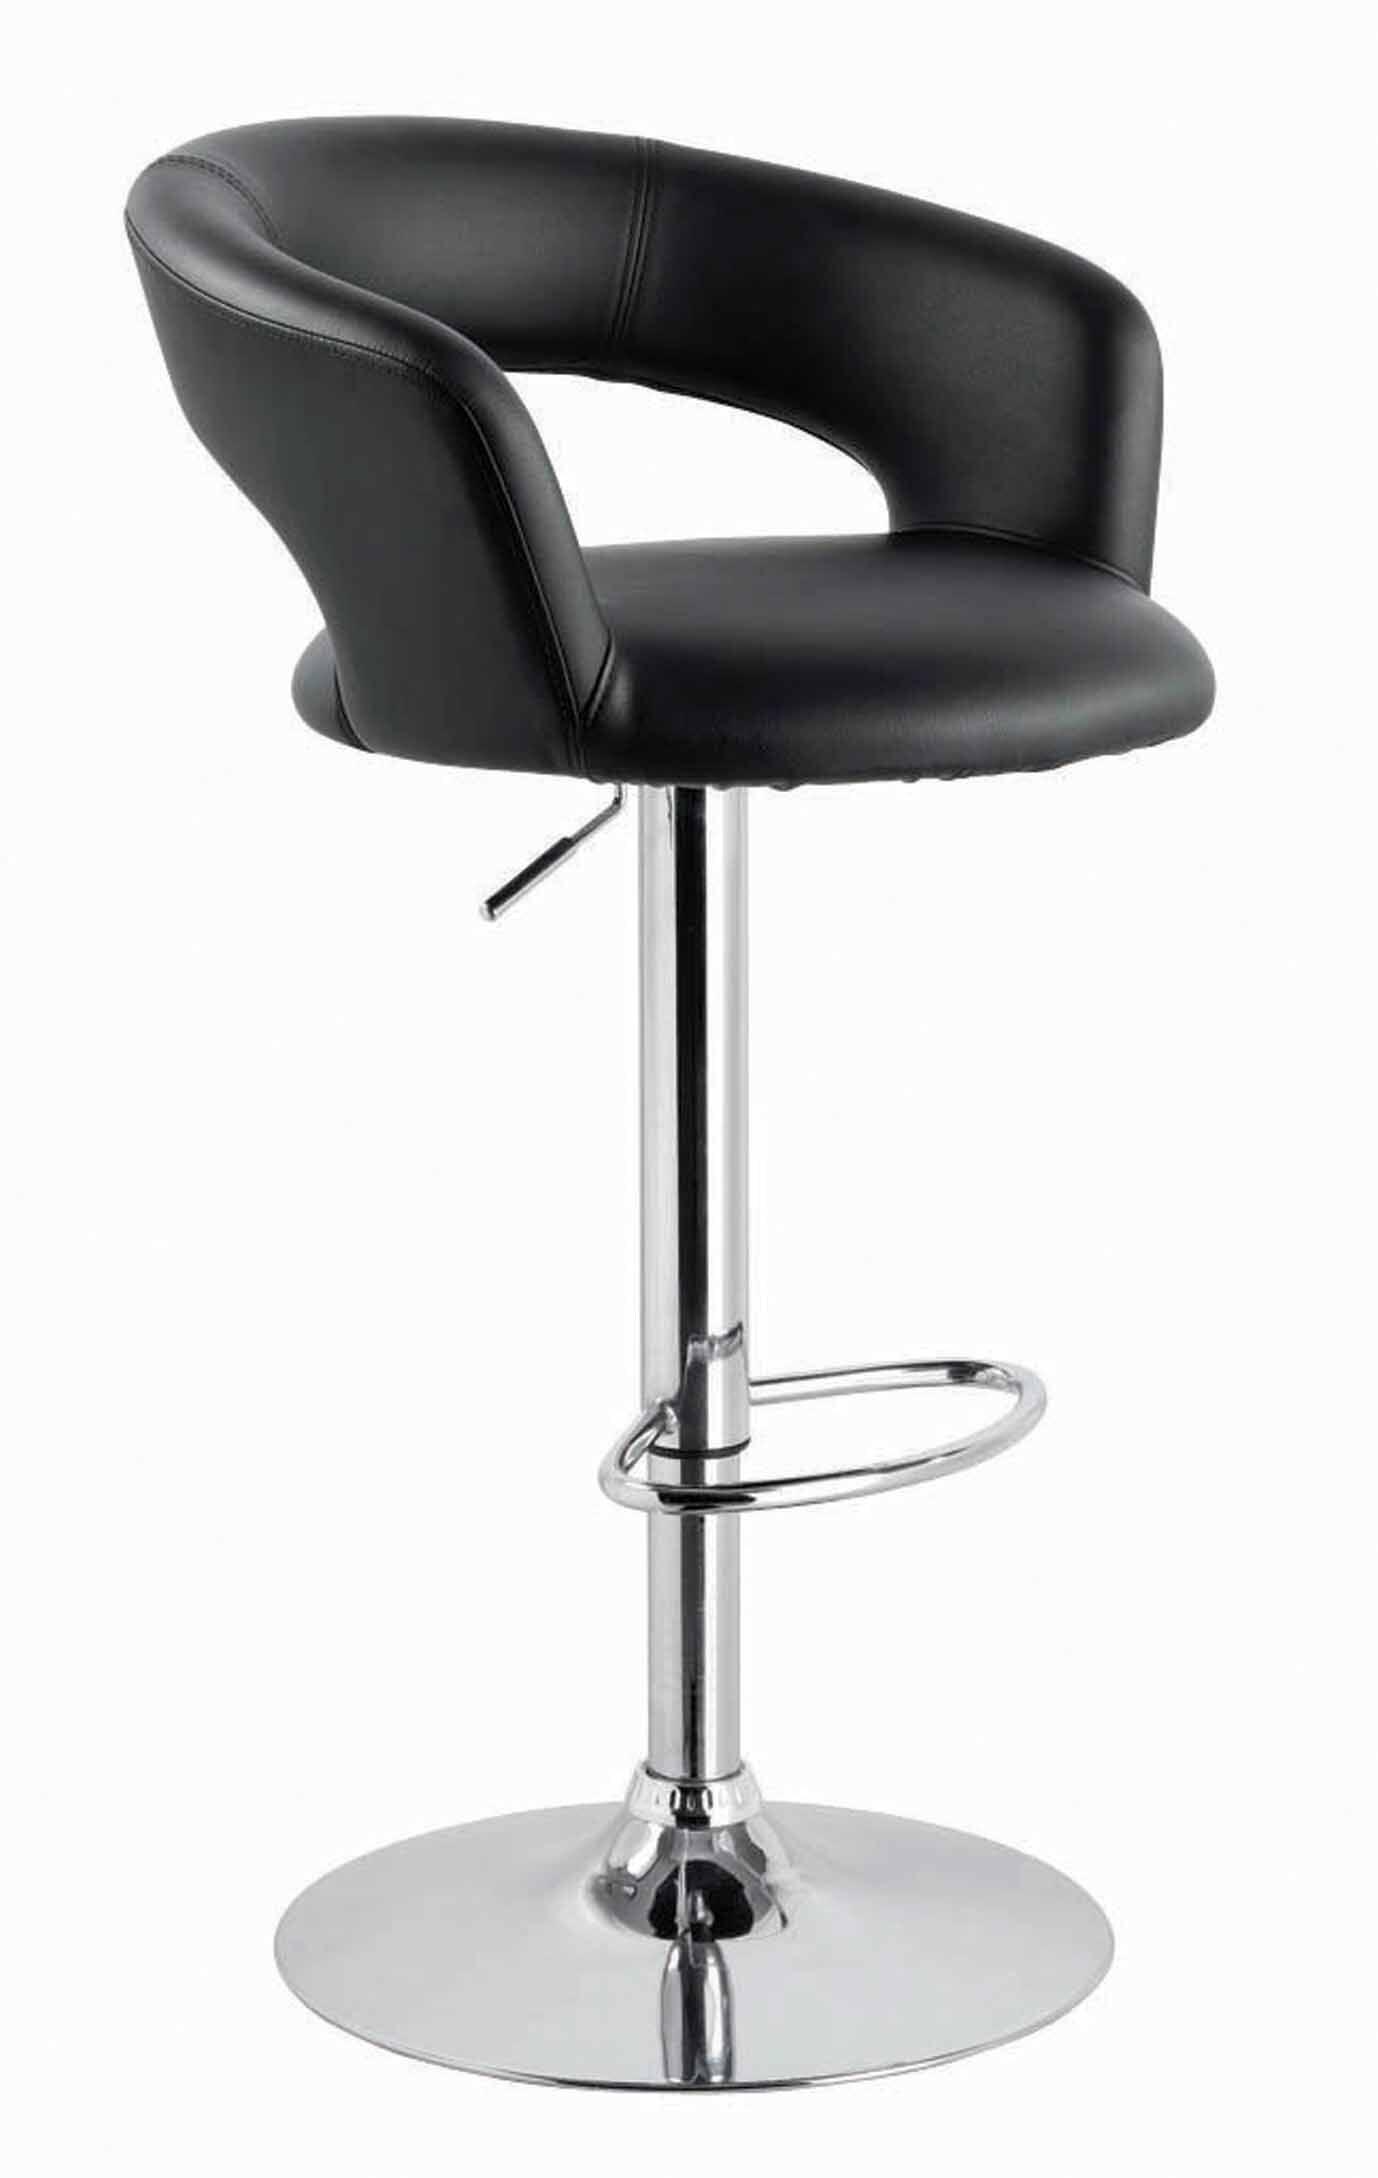 Sevastopol Adjustable Height Swivel Bar Stool Upholstery: Black